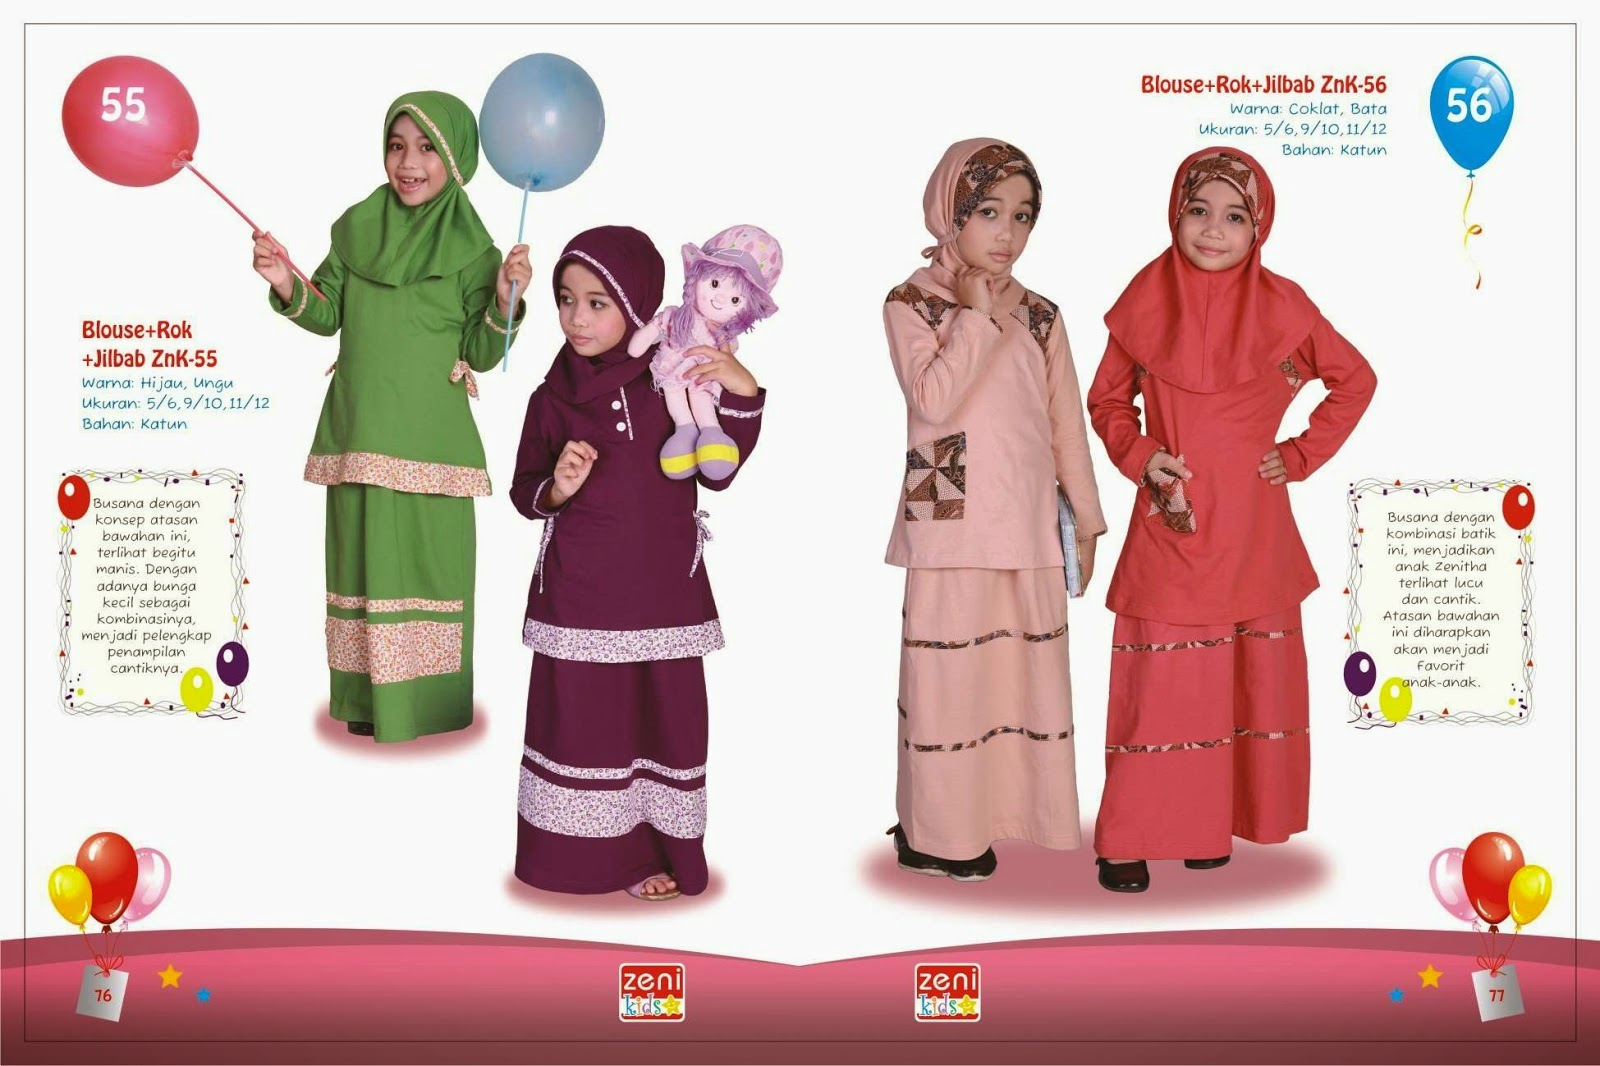 Foto baju gamis anak lucu gamis murni Foto baju gamis anak muda terbaru